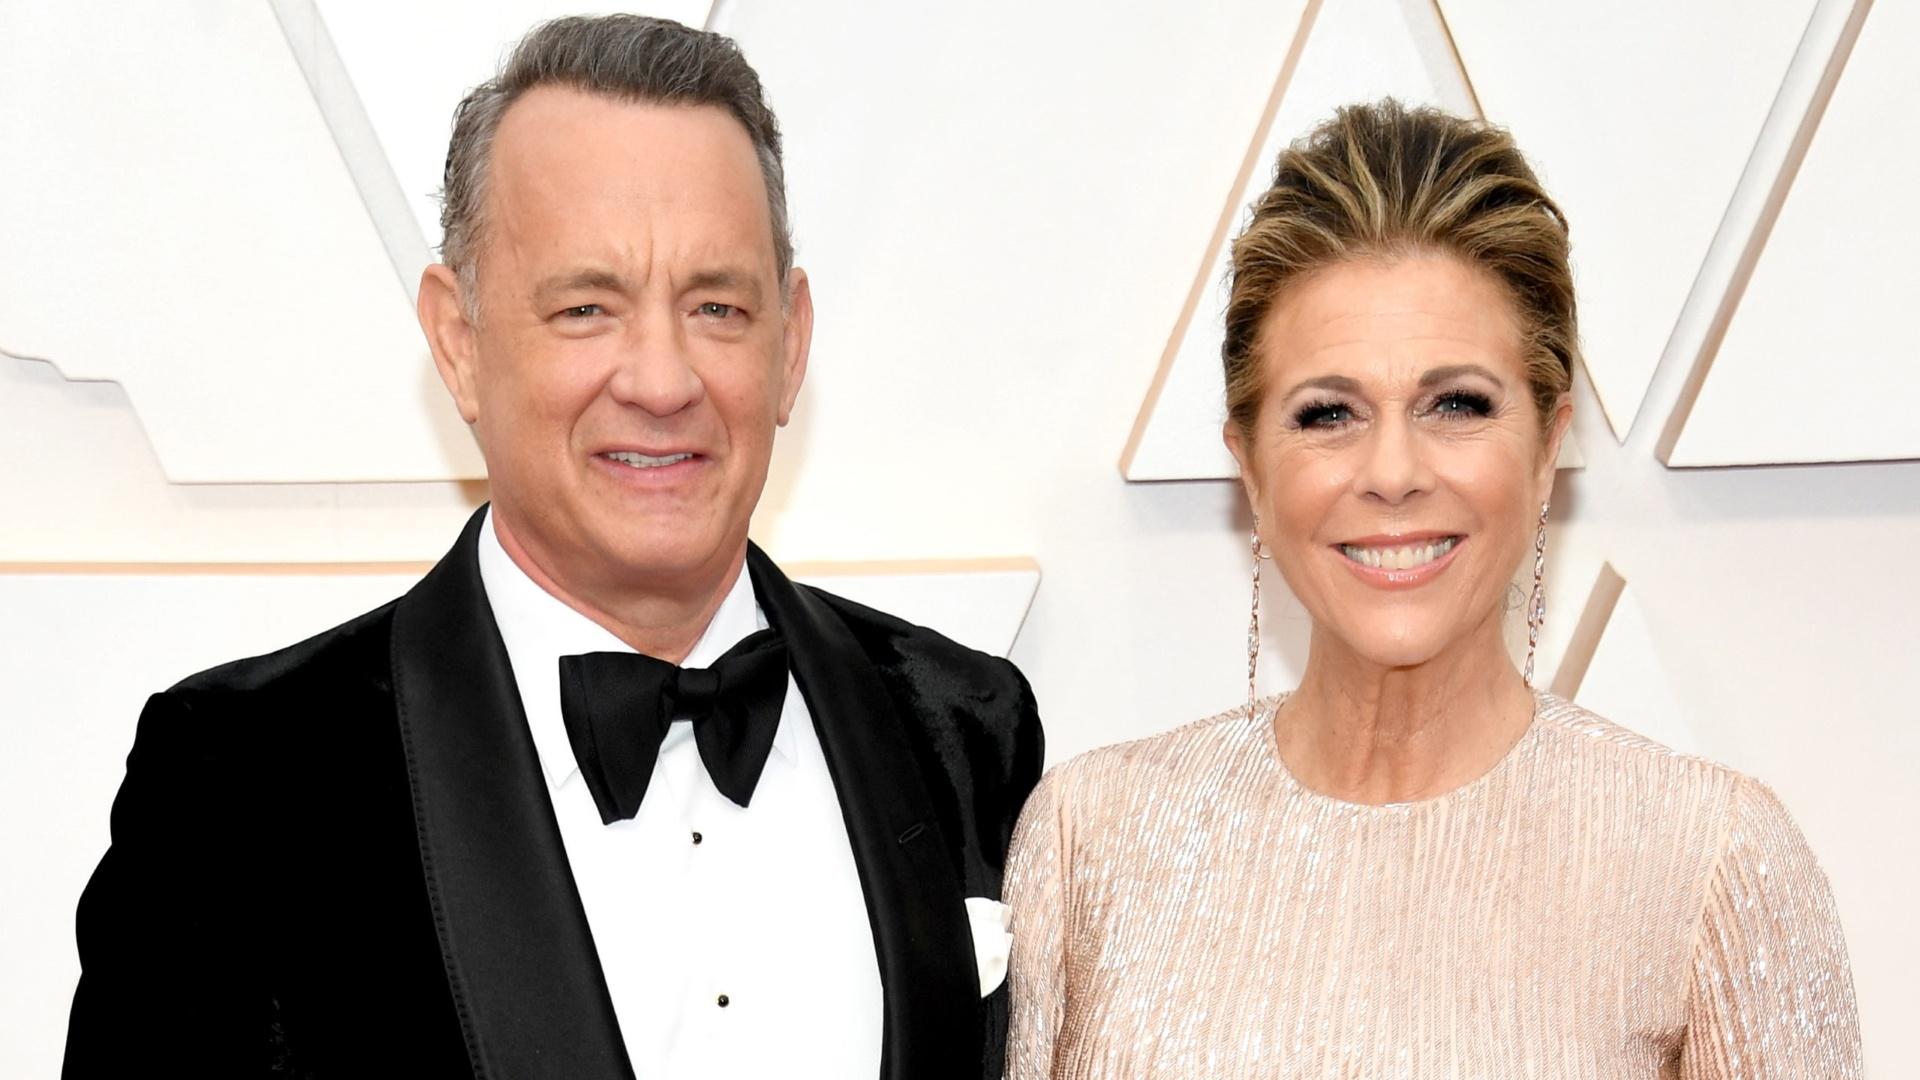 У звезды Голливуда Тома Хэнкса и его жены обнаружили коронавирус